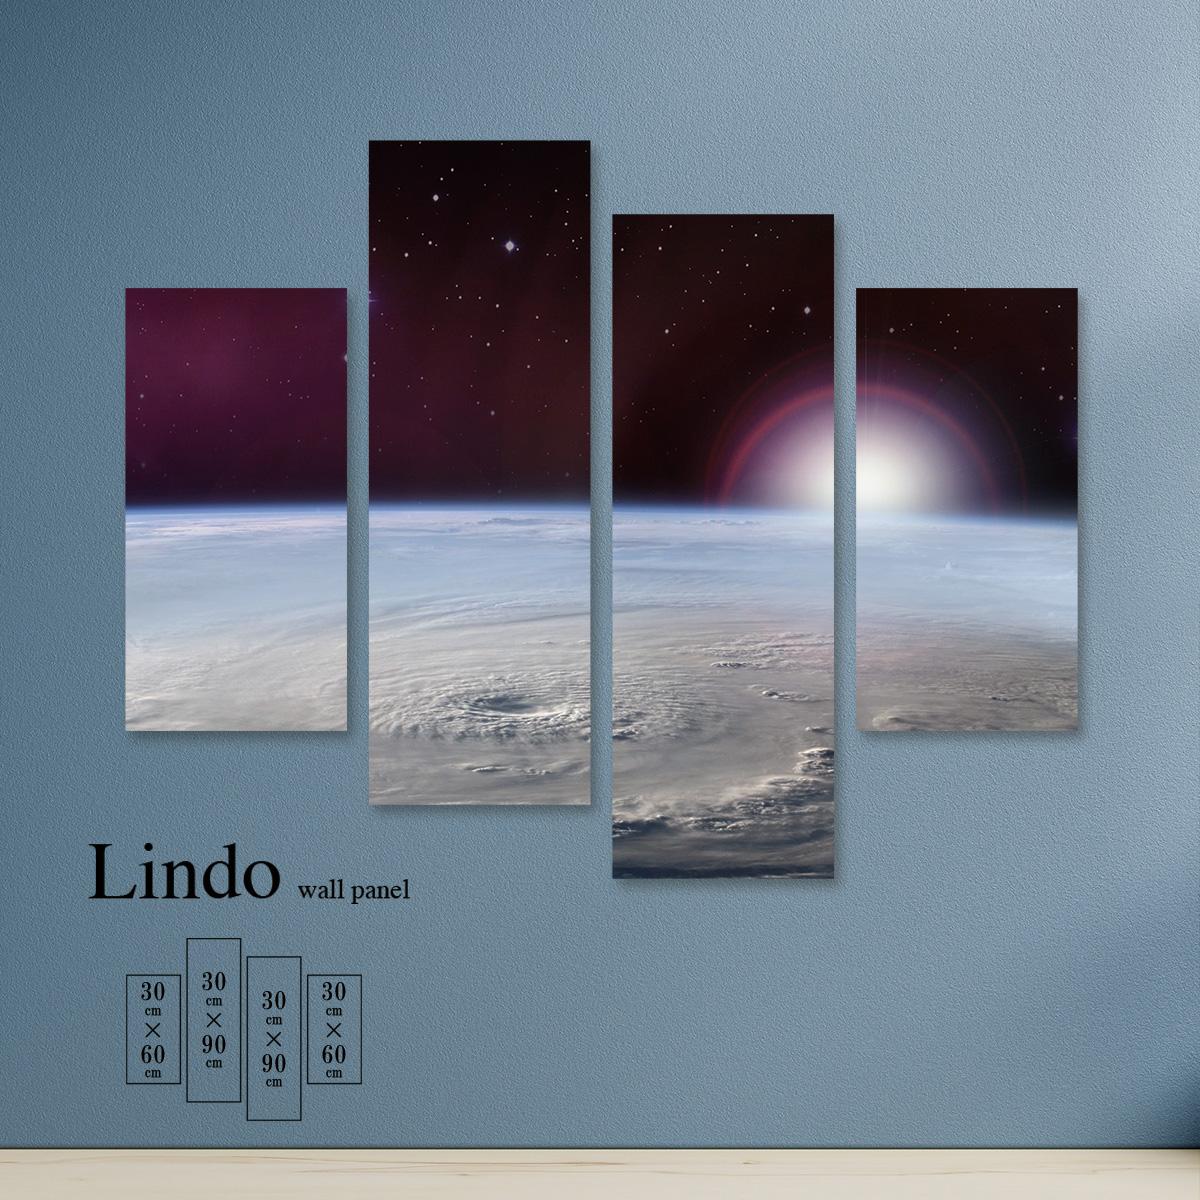 アートパネル 月 月面 宇宙 惑星 星 銀河 光 シンプル かっこいい 壁掛け 北欧 お洒落 デザイン ファブリック 壁飾り アートボード 4枚パネル